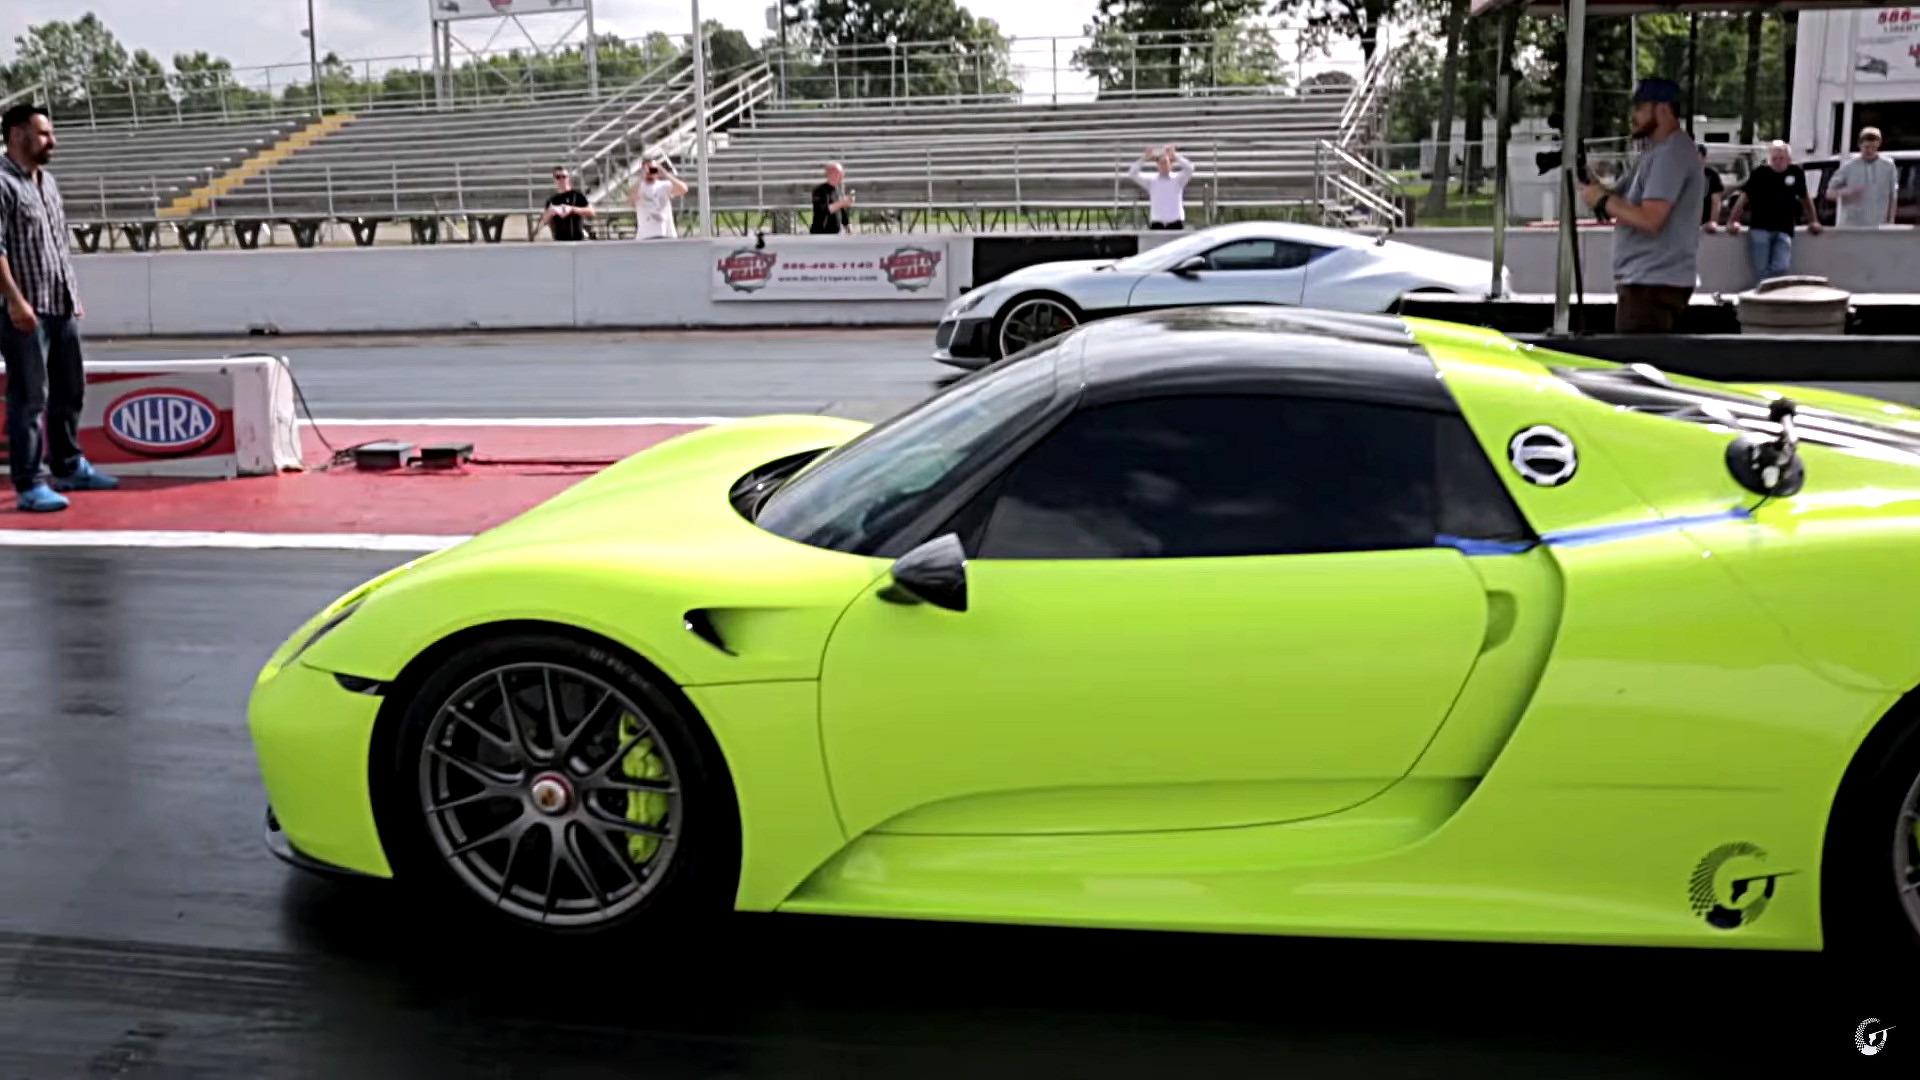 rimac-concept-one-races-porsche-911 Gorgeous Porsche 918 Spyder Drag Race Cars Trend